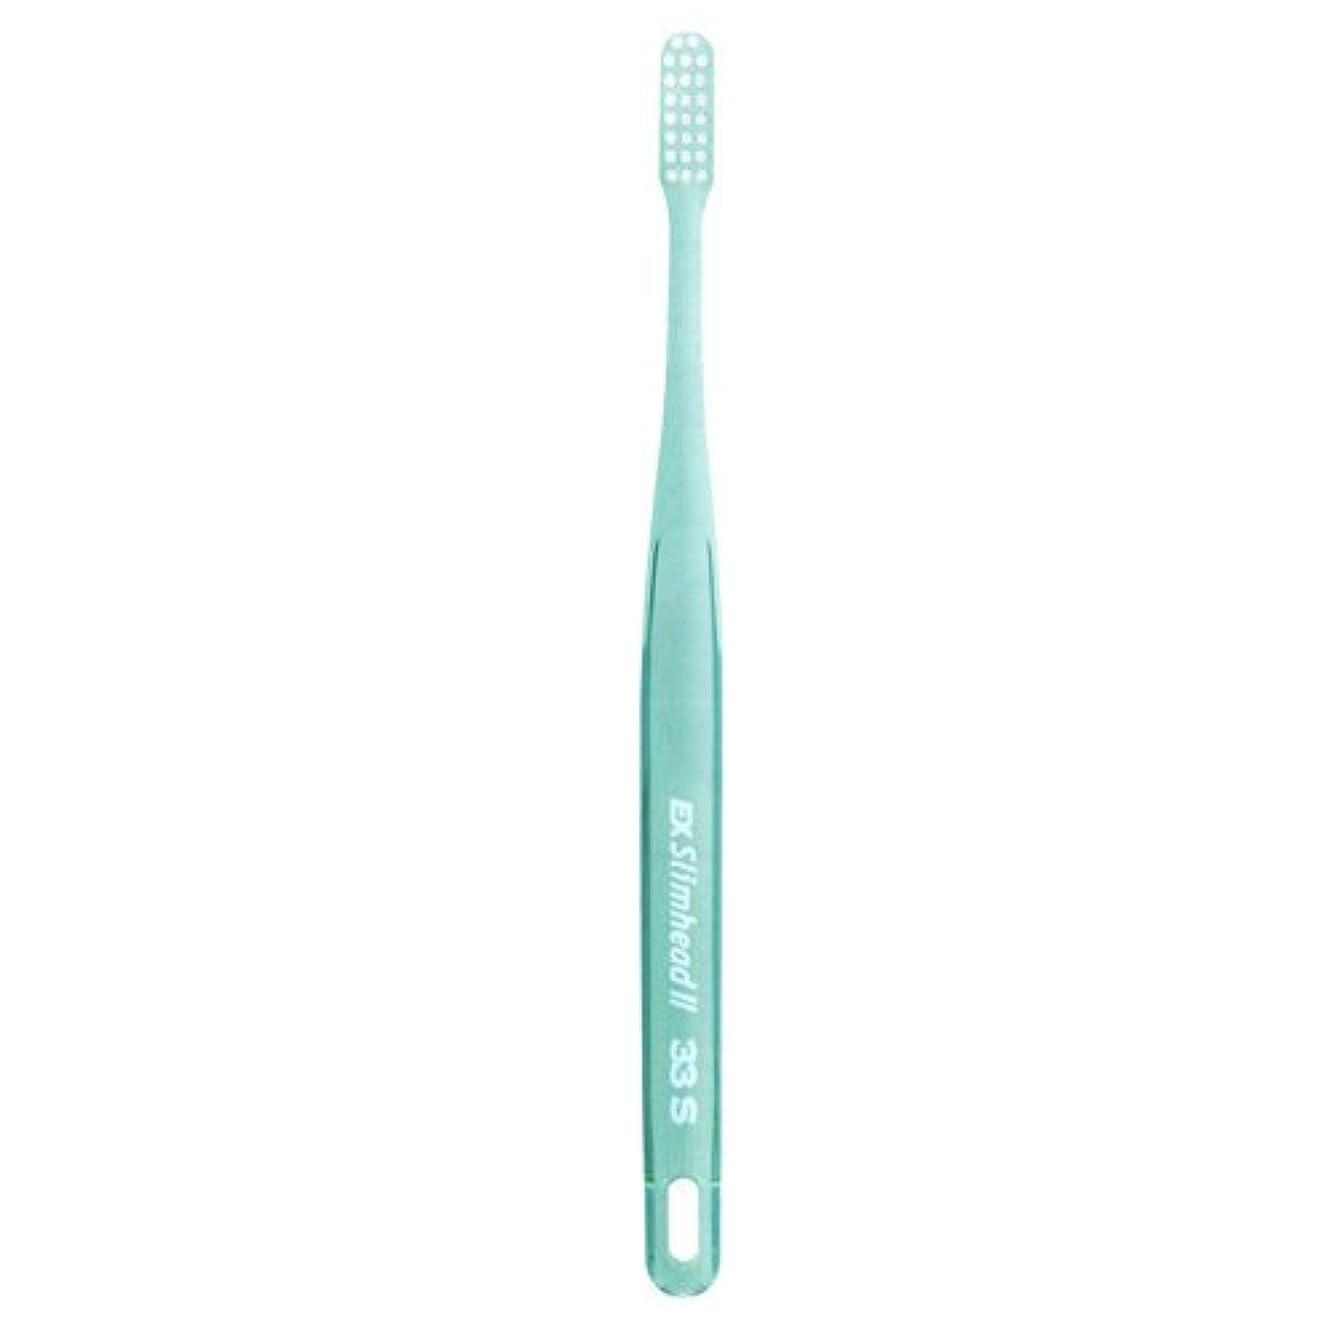 ライオン スリムヘッド2 歯ブラシ DENT . EX Slimhead2 1本 33M クリアグリーン